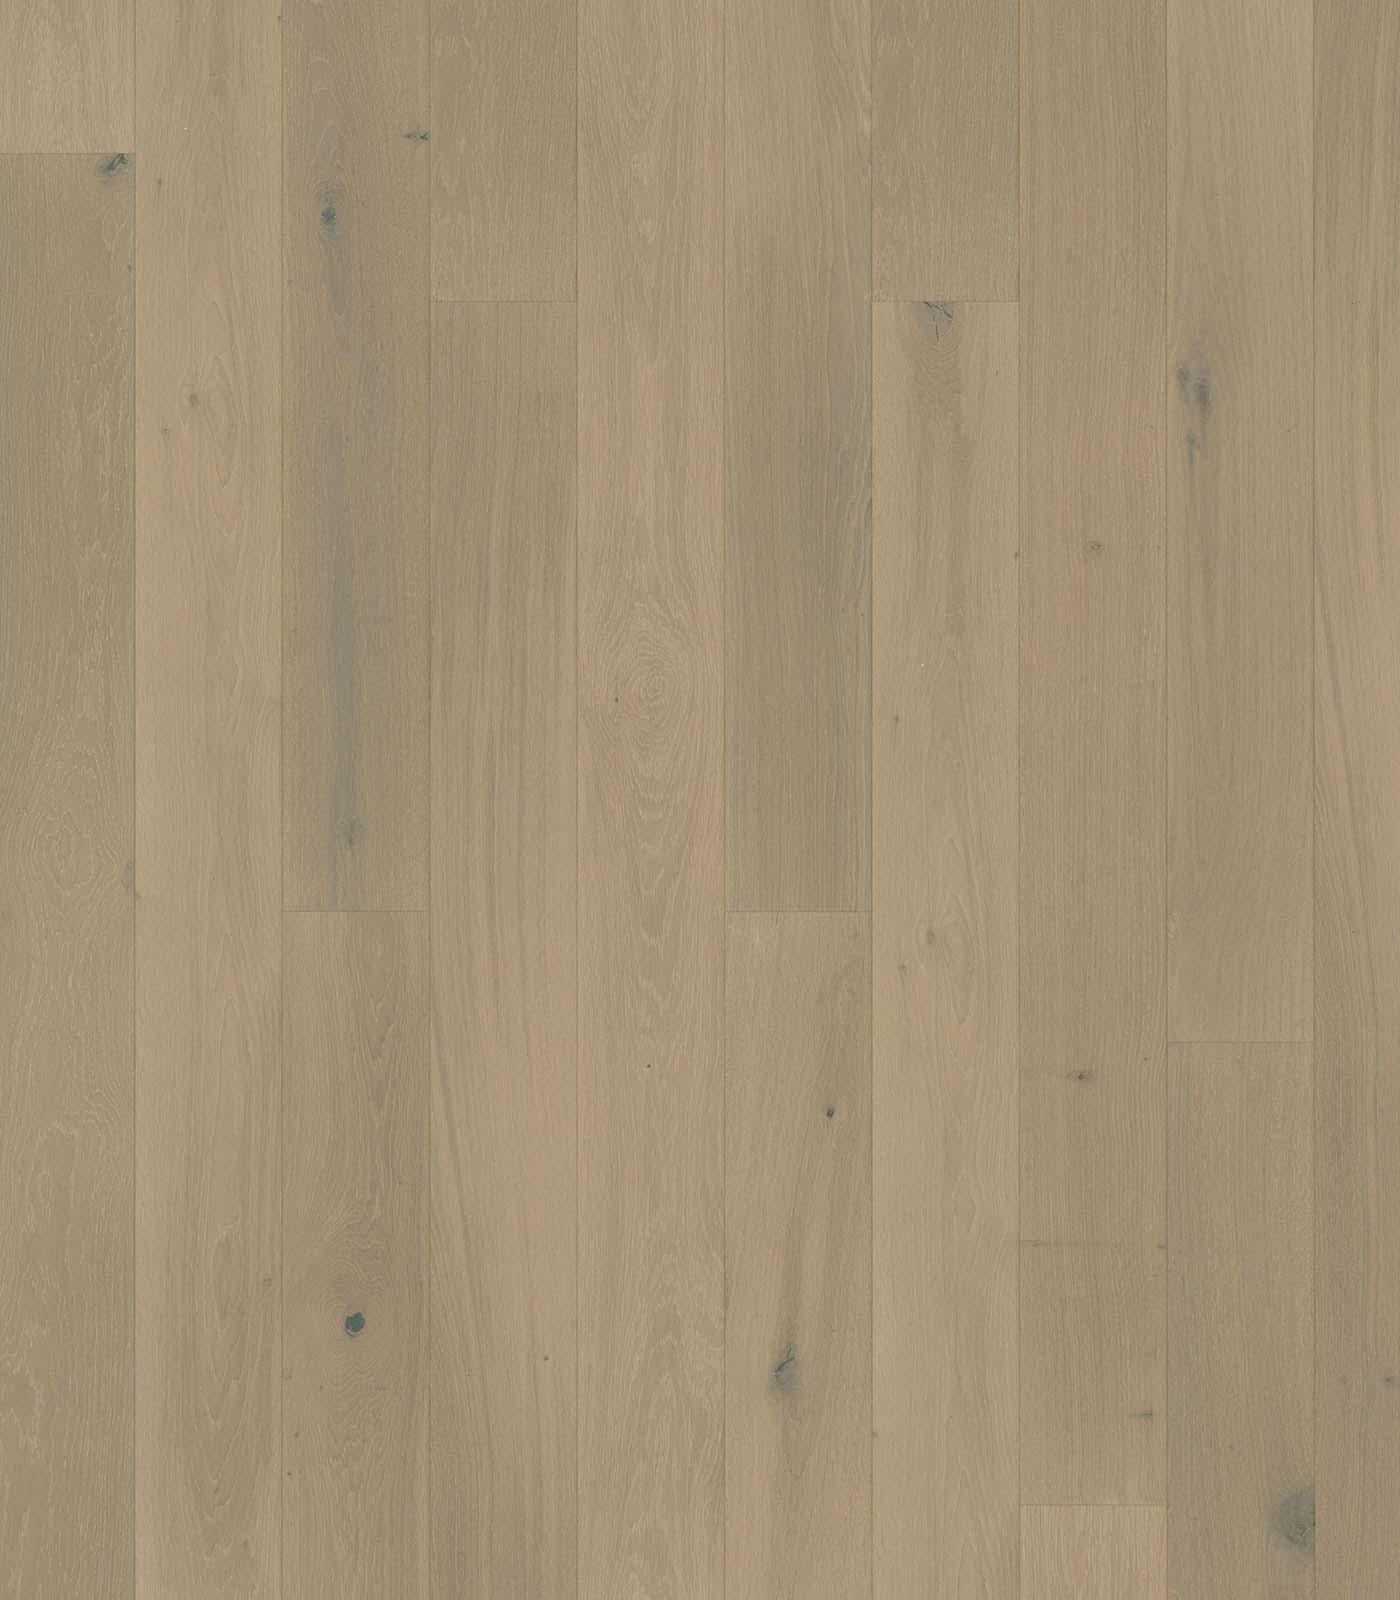 Gardenia-Colors Collection-European Oak Floors-flat